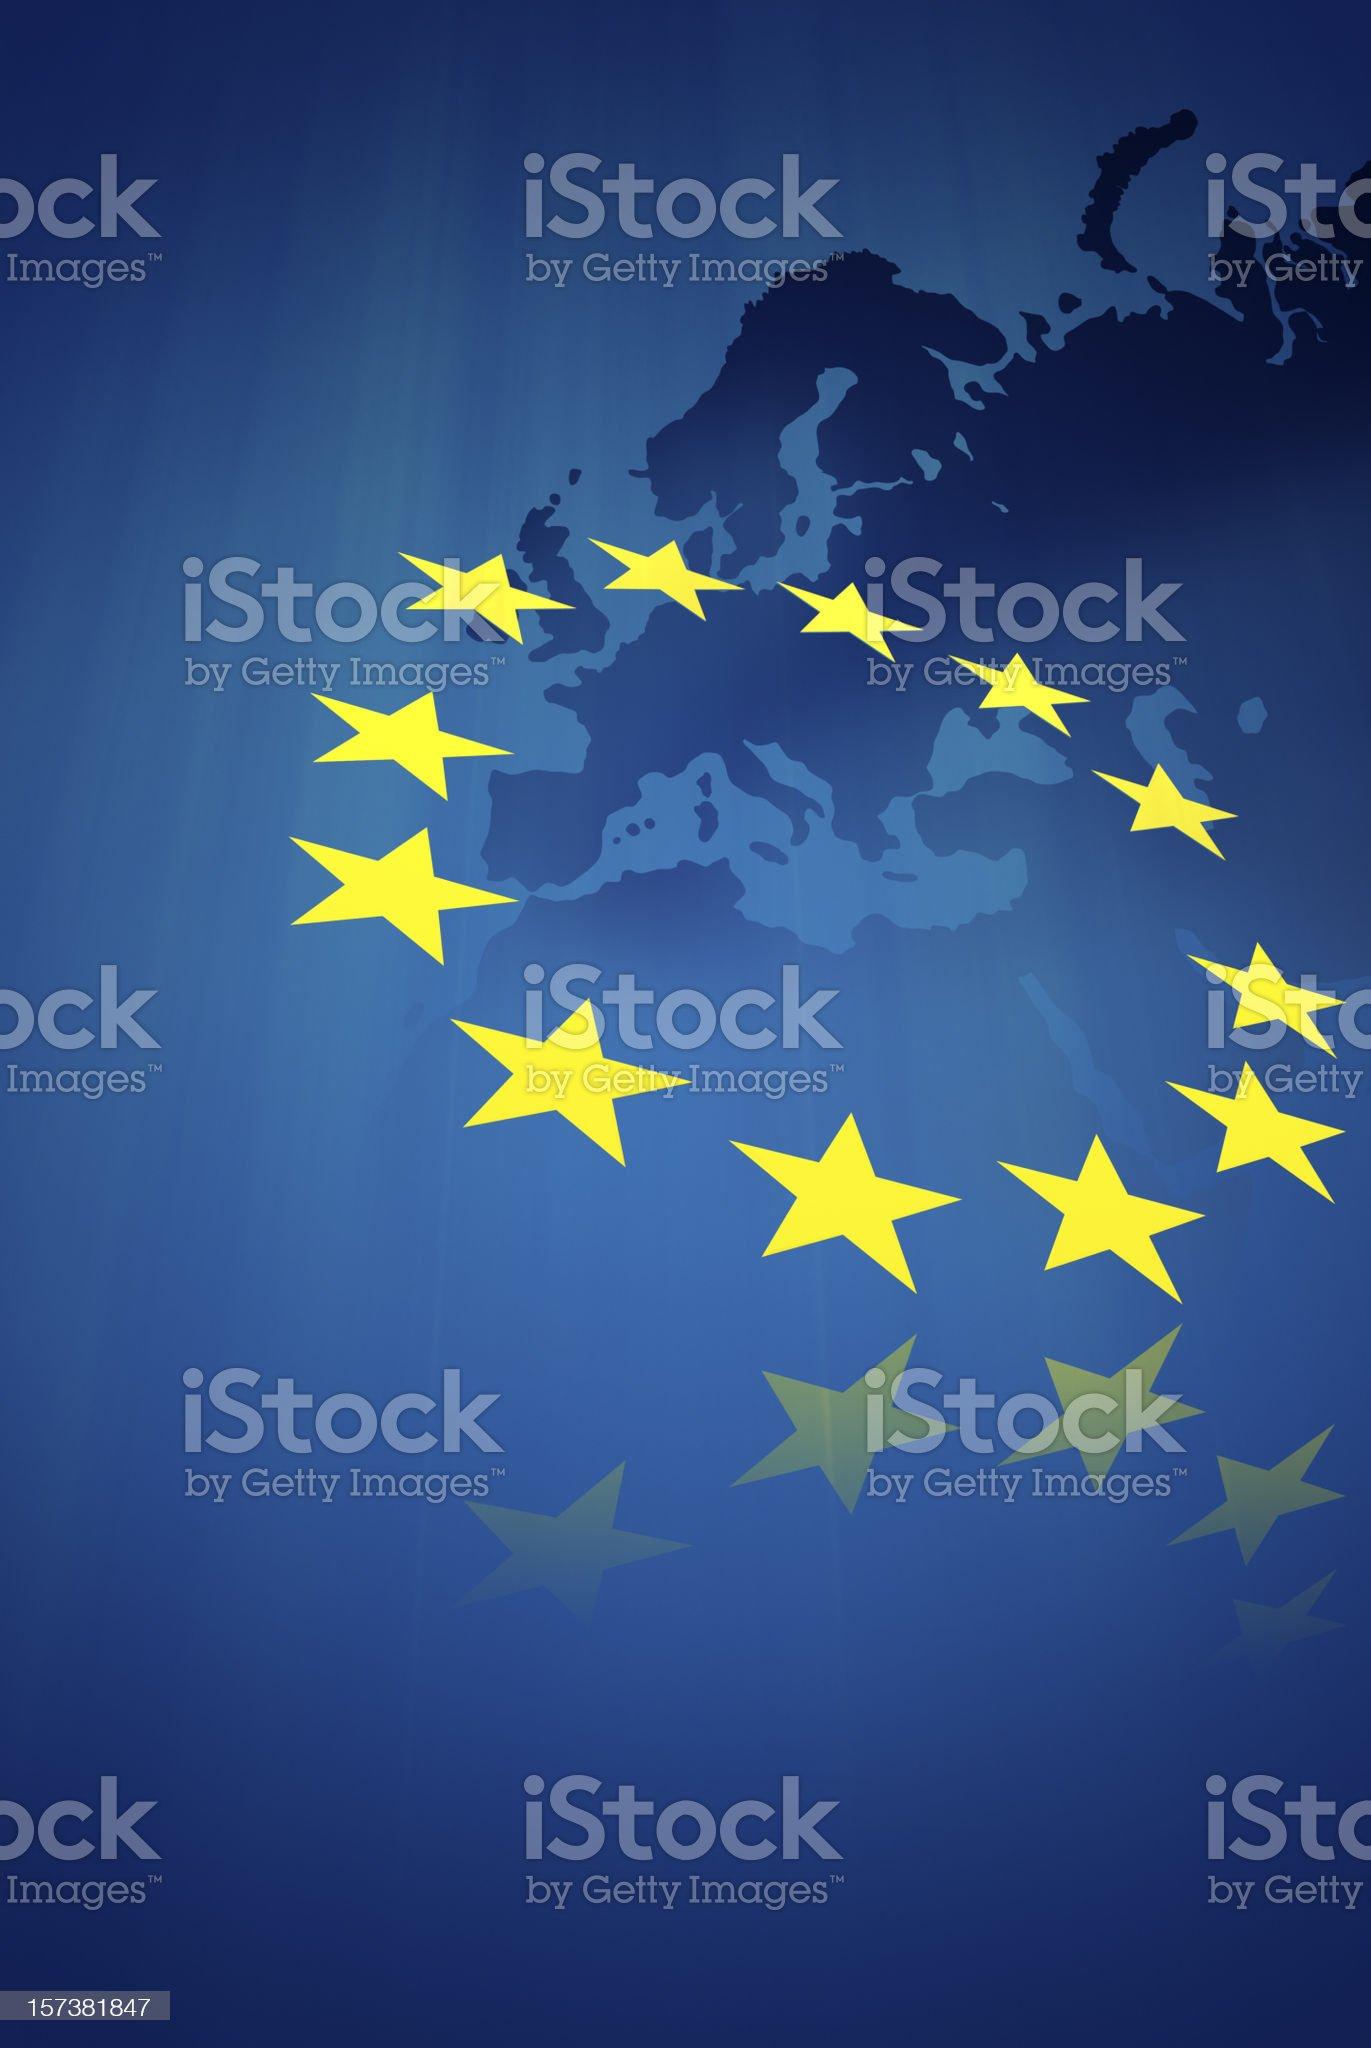 European union concept royalty-free stock photo